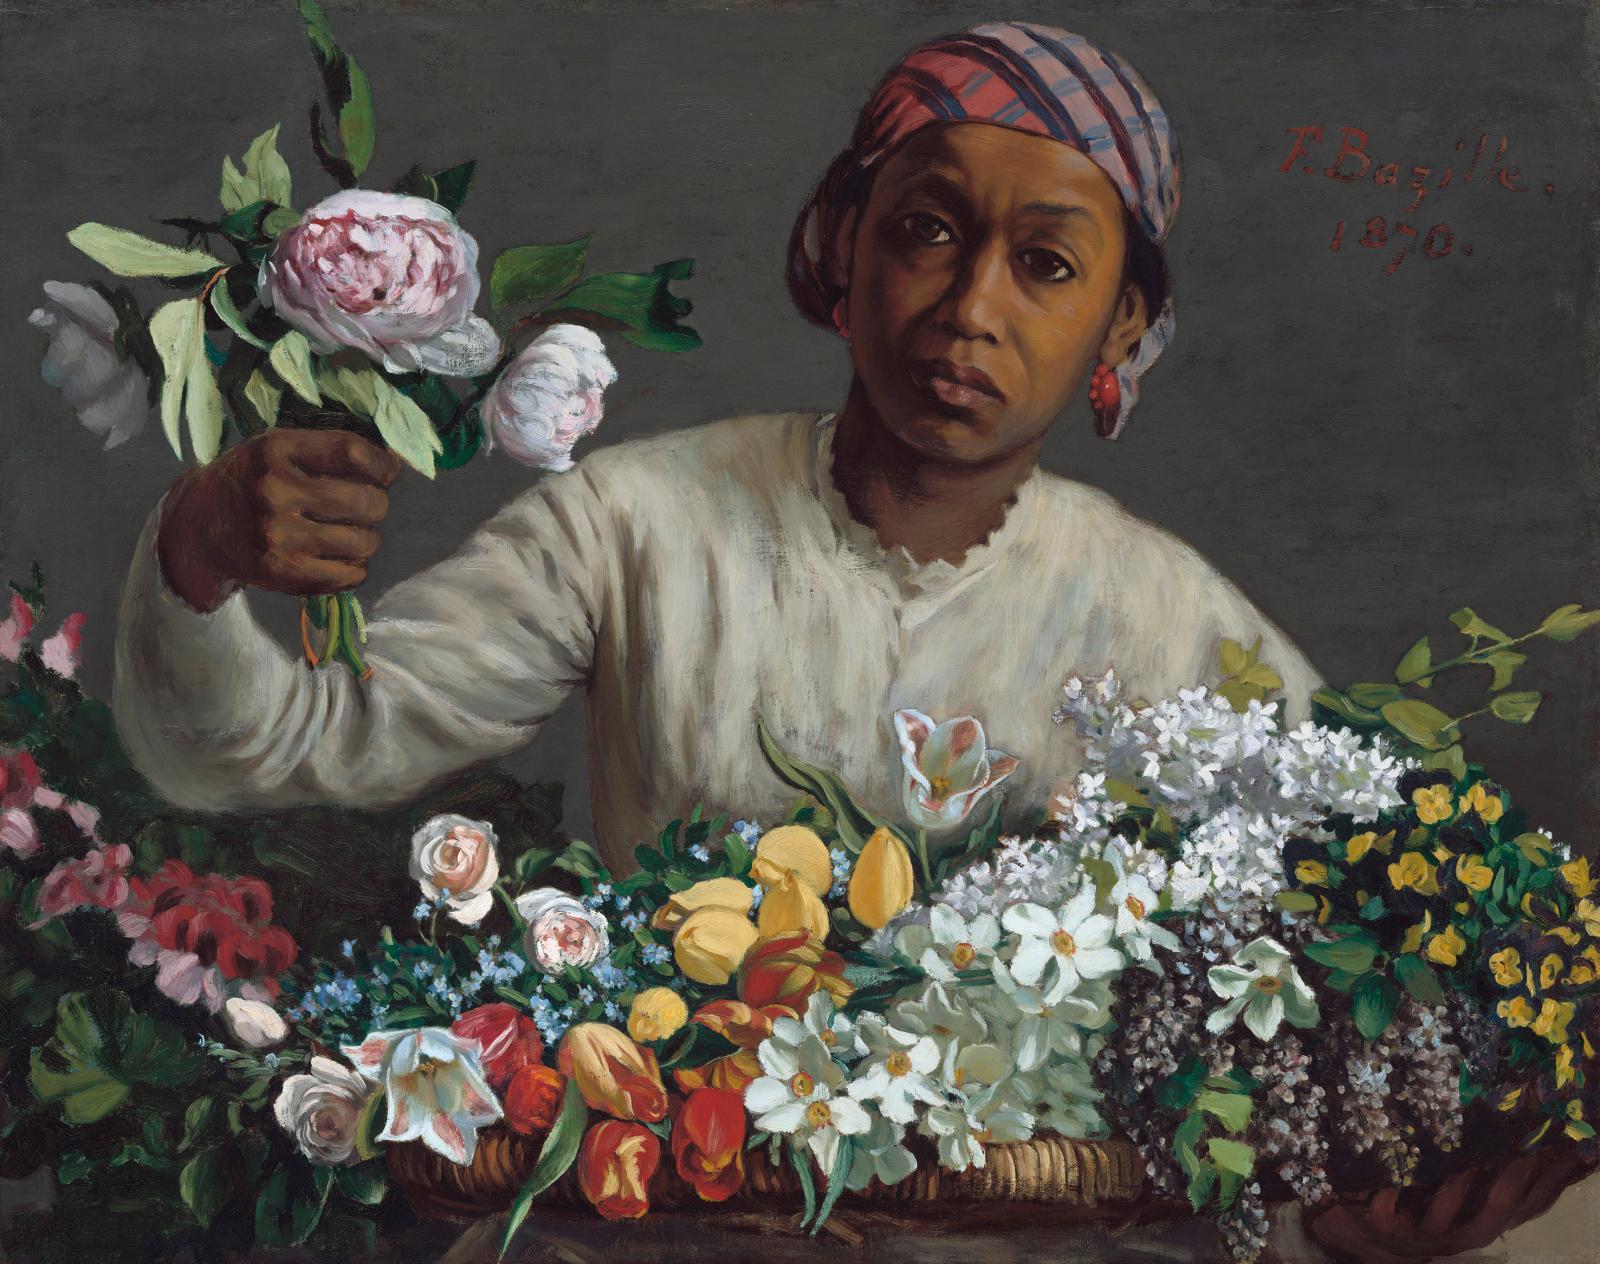 Frédéric Bazille (1841-1870), Femme aux pivoines, 1870, initialement intitulé Négresse aux pivoines, huile sur toile, 60x75cm.